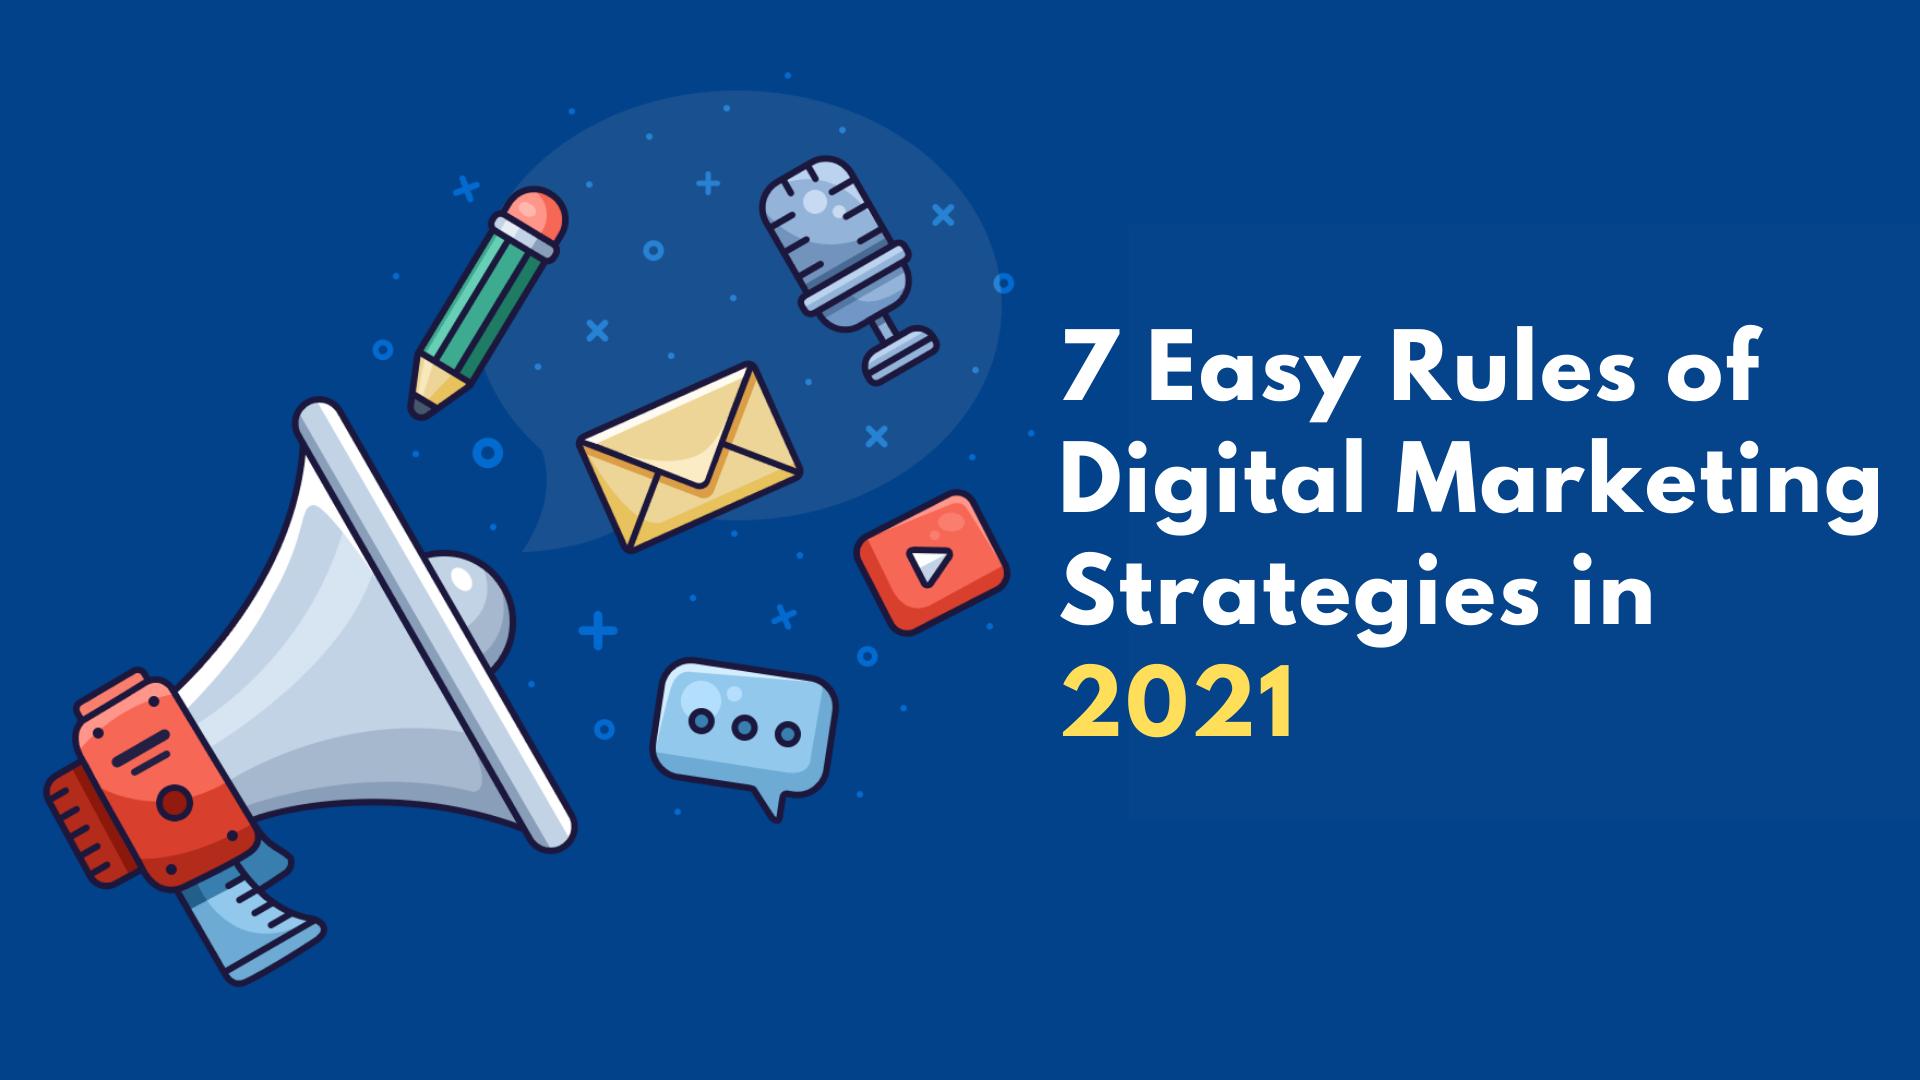 7 Easy Rules of Digital Marketing Strategies in 2021